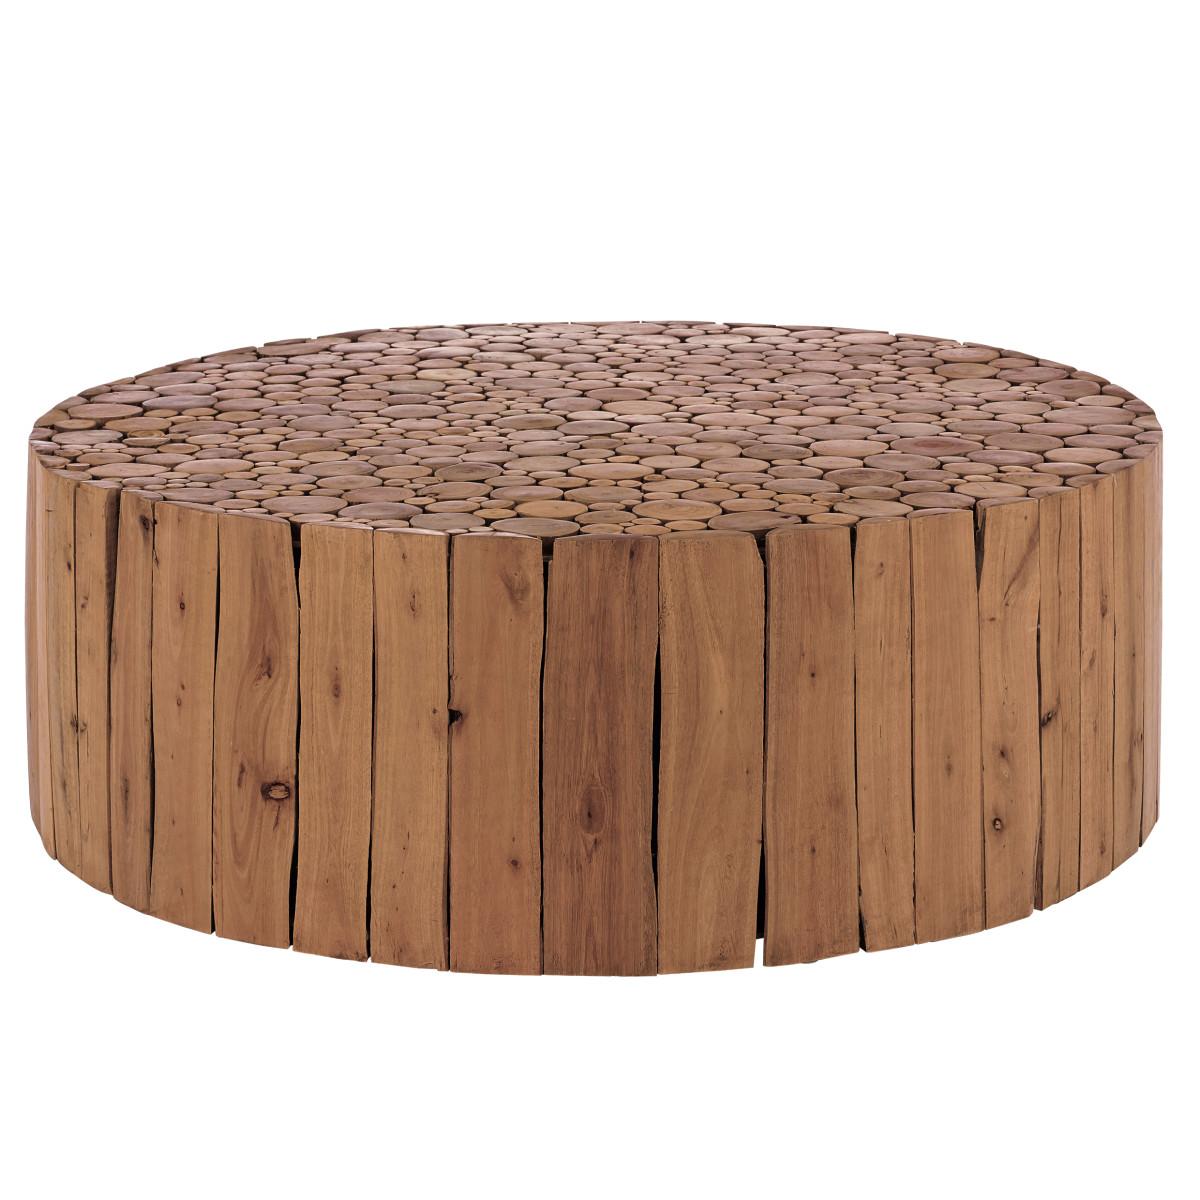 Couchtisch, wiederaufbereitetes Holz (Impressionen)